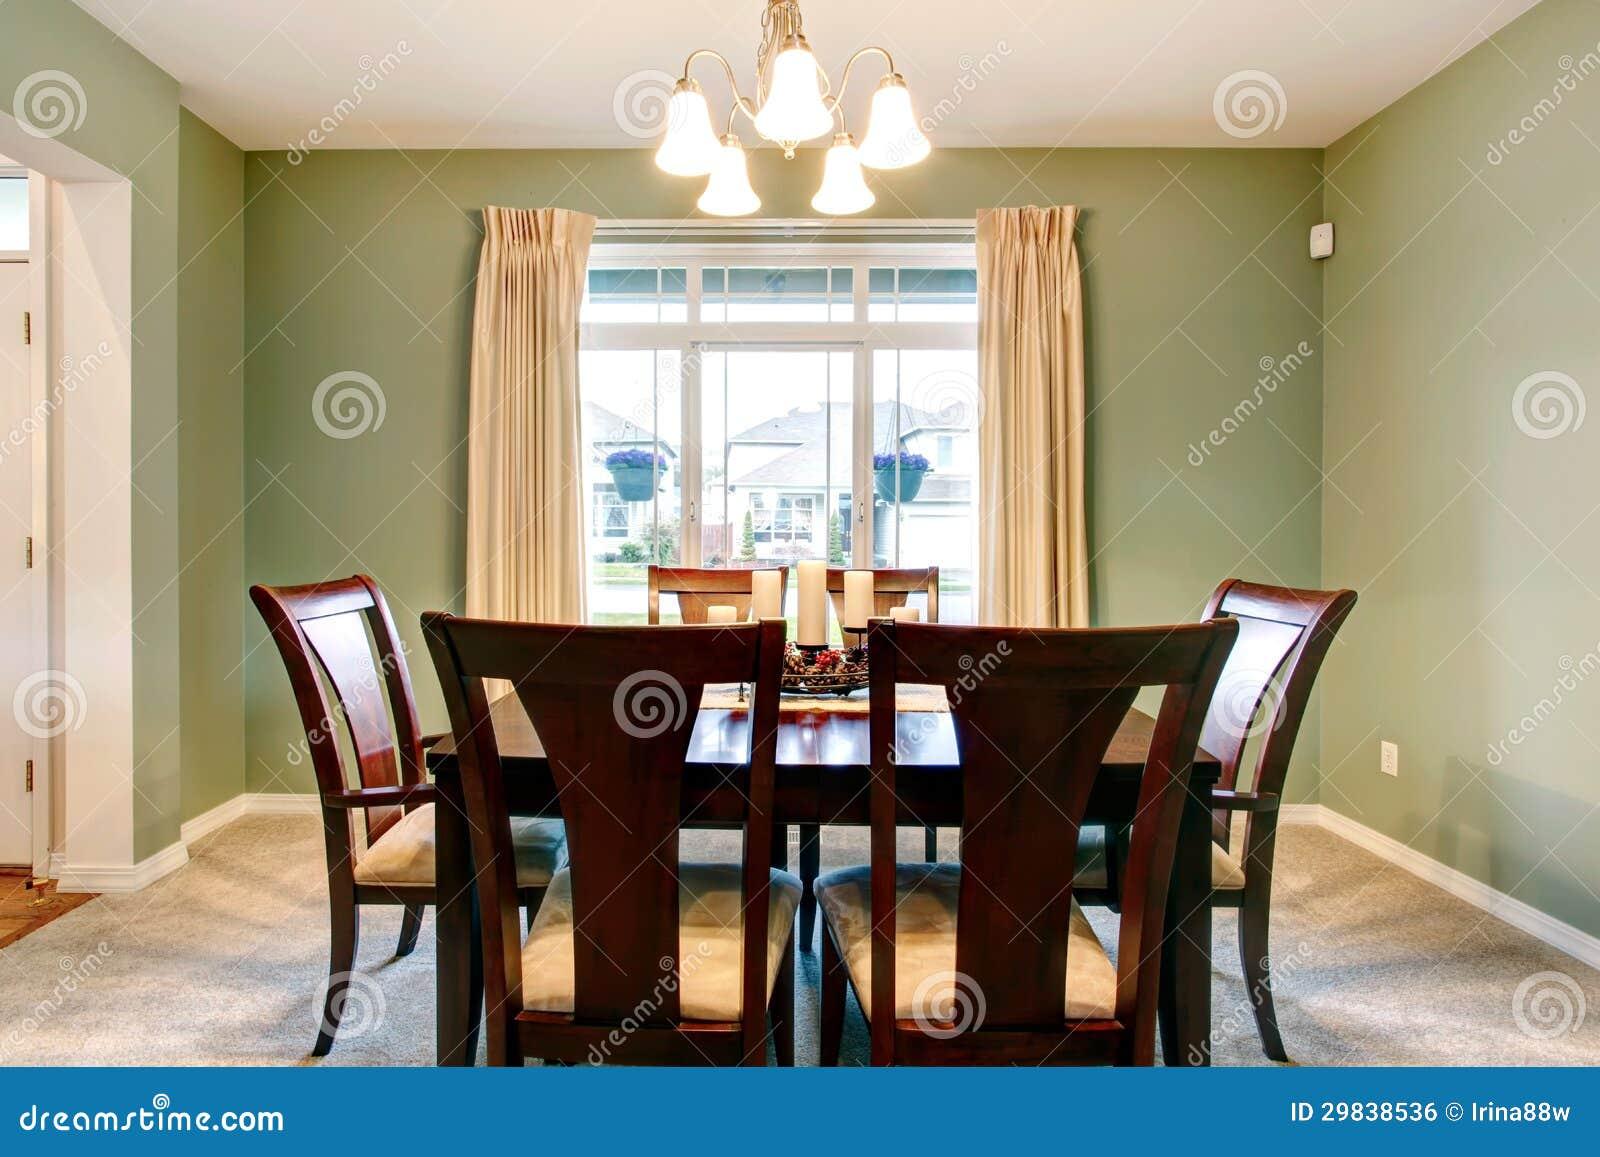 Interior verde del comedor con muebles marrones cl sicos - Muebles del comedor ...